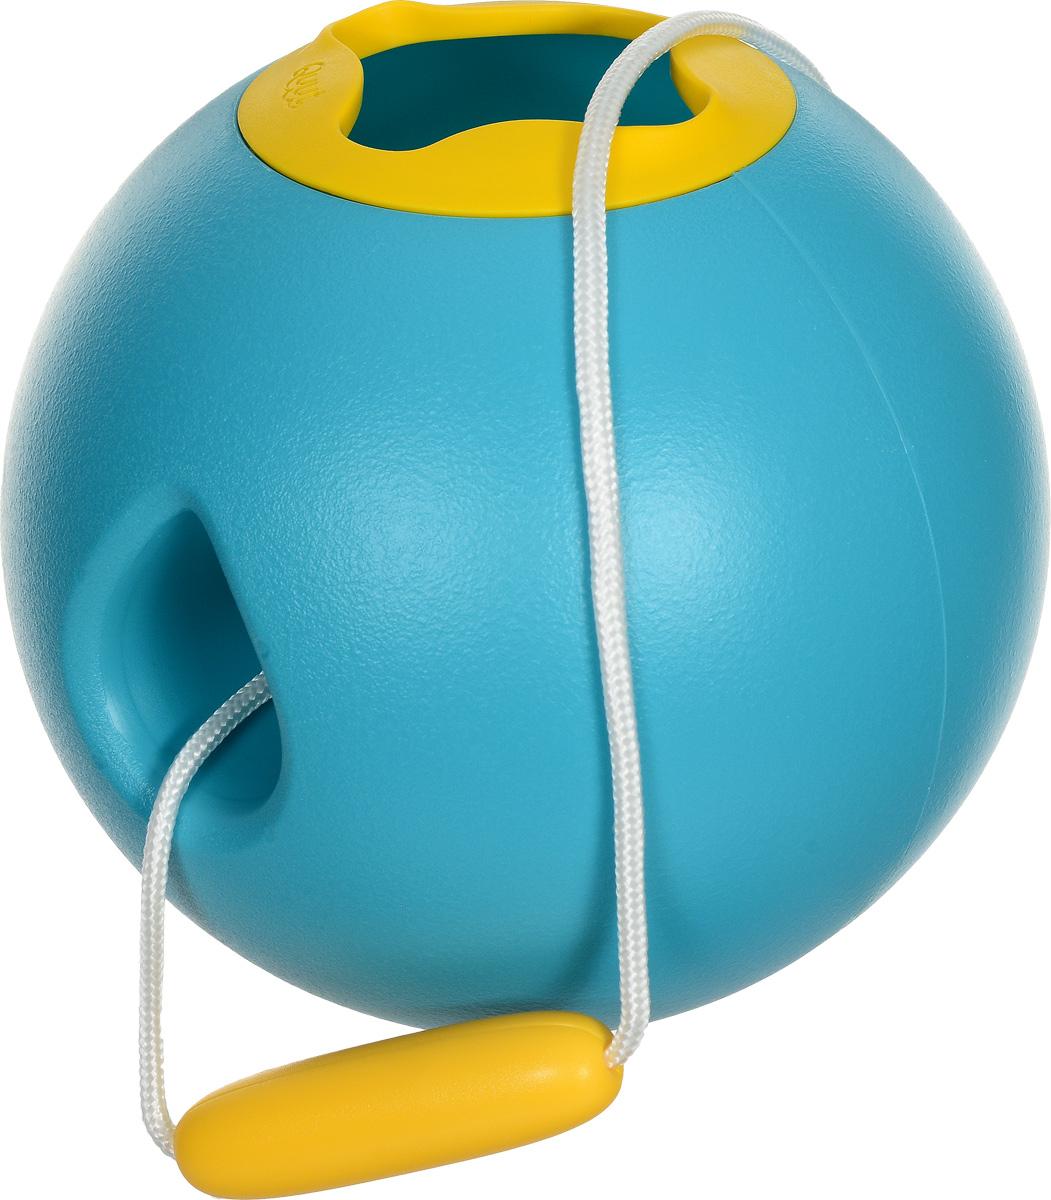 Quut Ведерко для воды Ballo цвет бирюзовый170105Может быть, оно и не похоже на ведёрко, но дети будут его использовать именно так. Умный, современный дизайн и мягкая на ощупь отделка позволяют маленьким рукам без усилий заполнить его водой, побежать с ним по пляжу и легко вылить. Его сферическая форма невероятно устойчива, а значит, вода почти не проливается. Никогда раньше не было так весело носить воду к песочному замку!